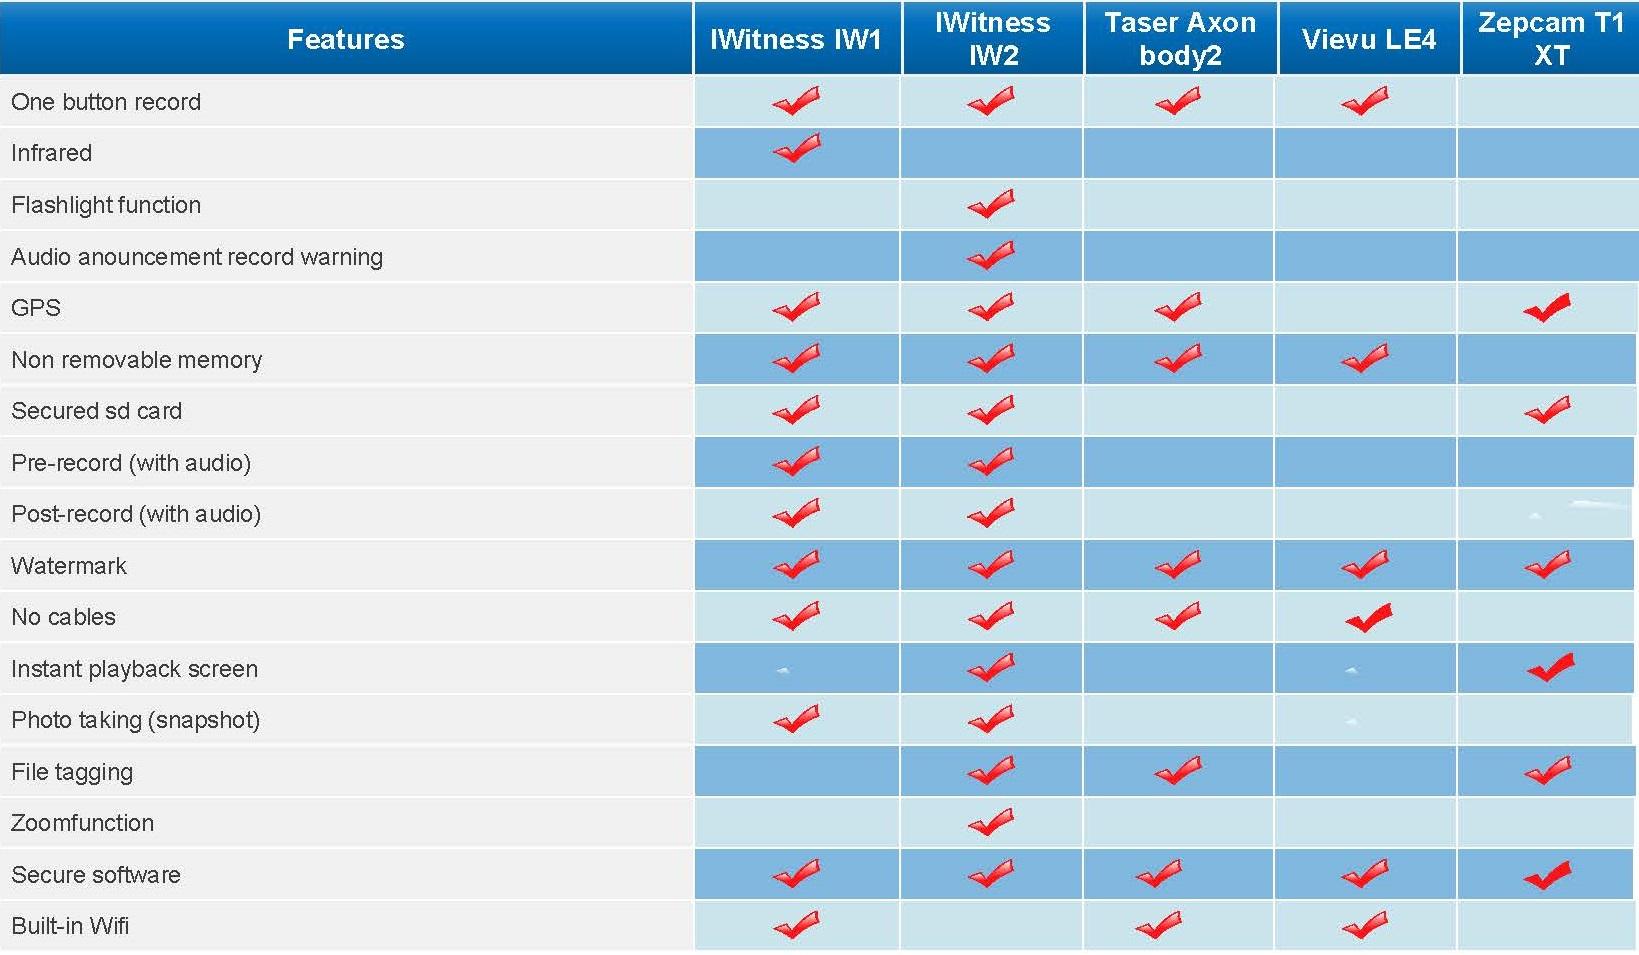 Tabel met productinformatie over de bodycam, het product van IWitness